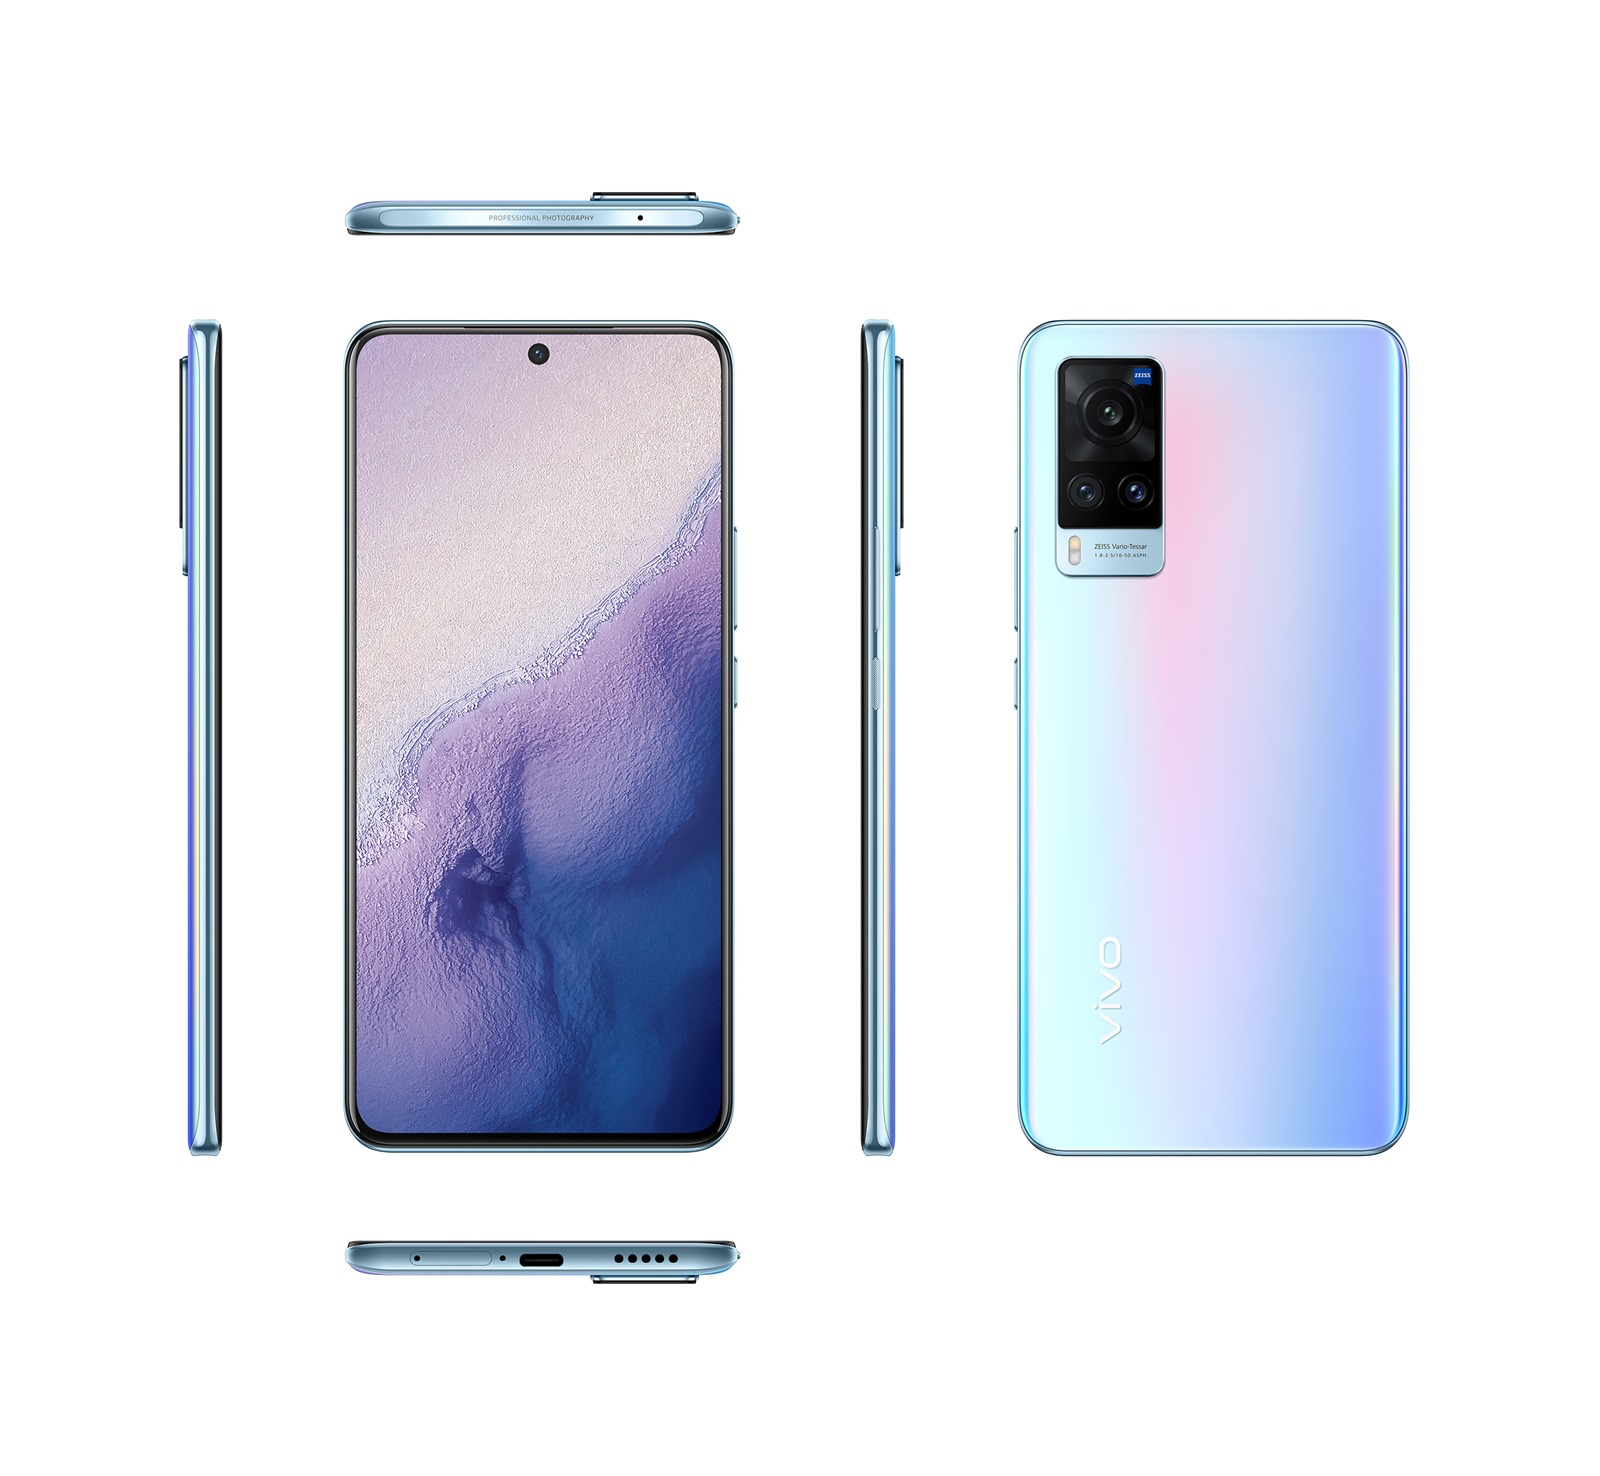 vivo-X60 厚度僅 7.36mm,是目前 vivo 最輕薄的 5G 旗艦級手機,圖為 X60-Pro 冰極光.jpg @3C 達人廖阿輝